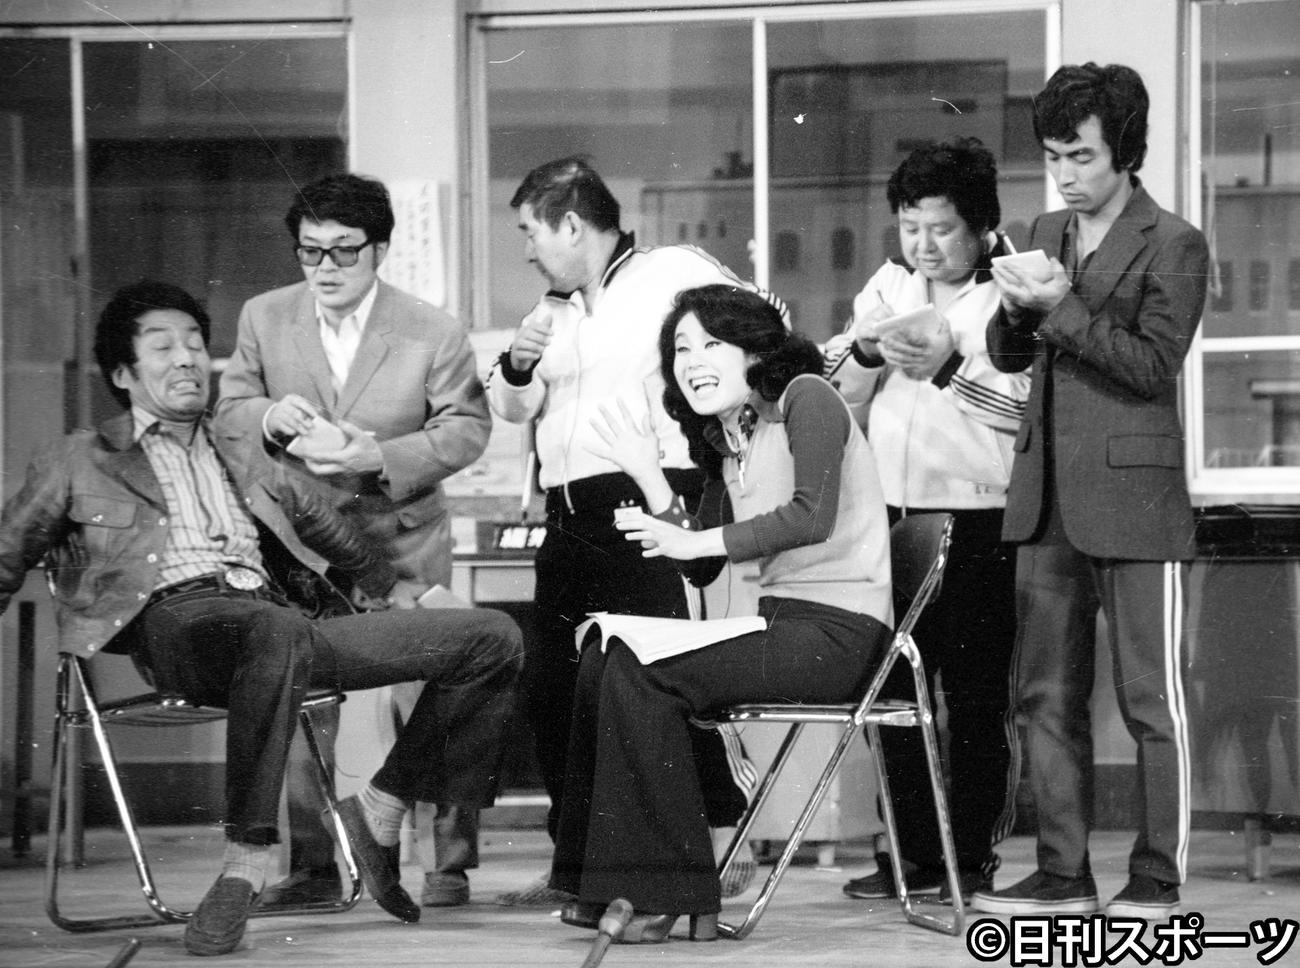 TBS「8時だョ! 全員集合」この日の生放送を最後に抜ける荒井注さん(左から3人目)に代わって、4月1日からドリフターズの正式メンバーになる志村けんさん(右端)(1974年3月30日撮影)